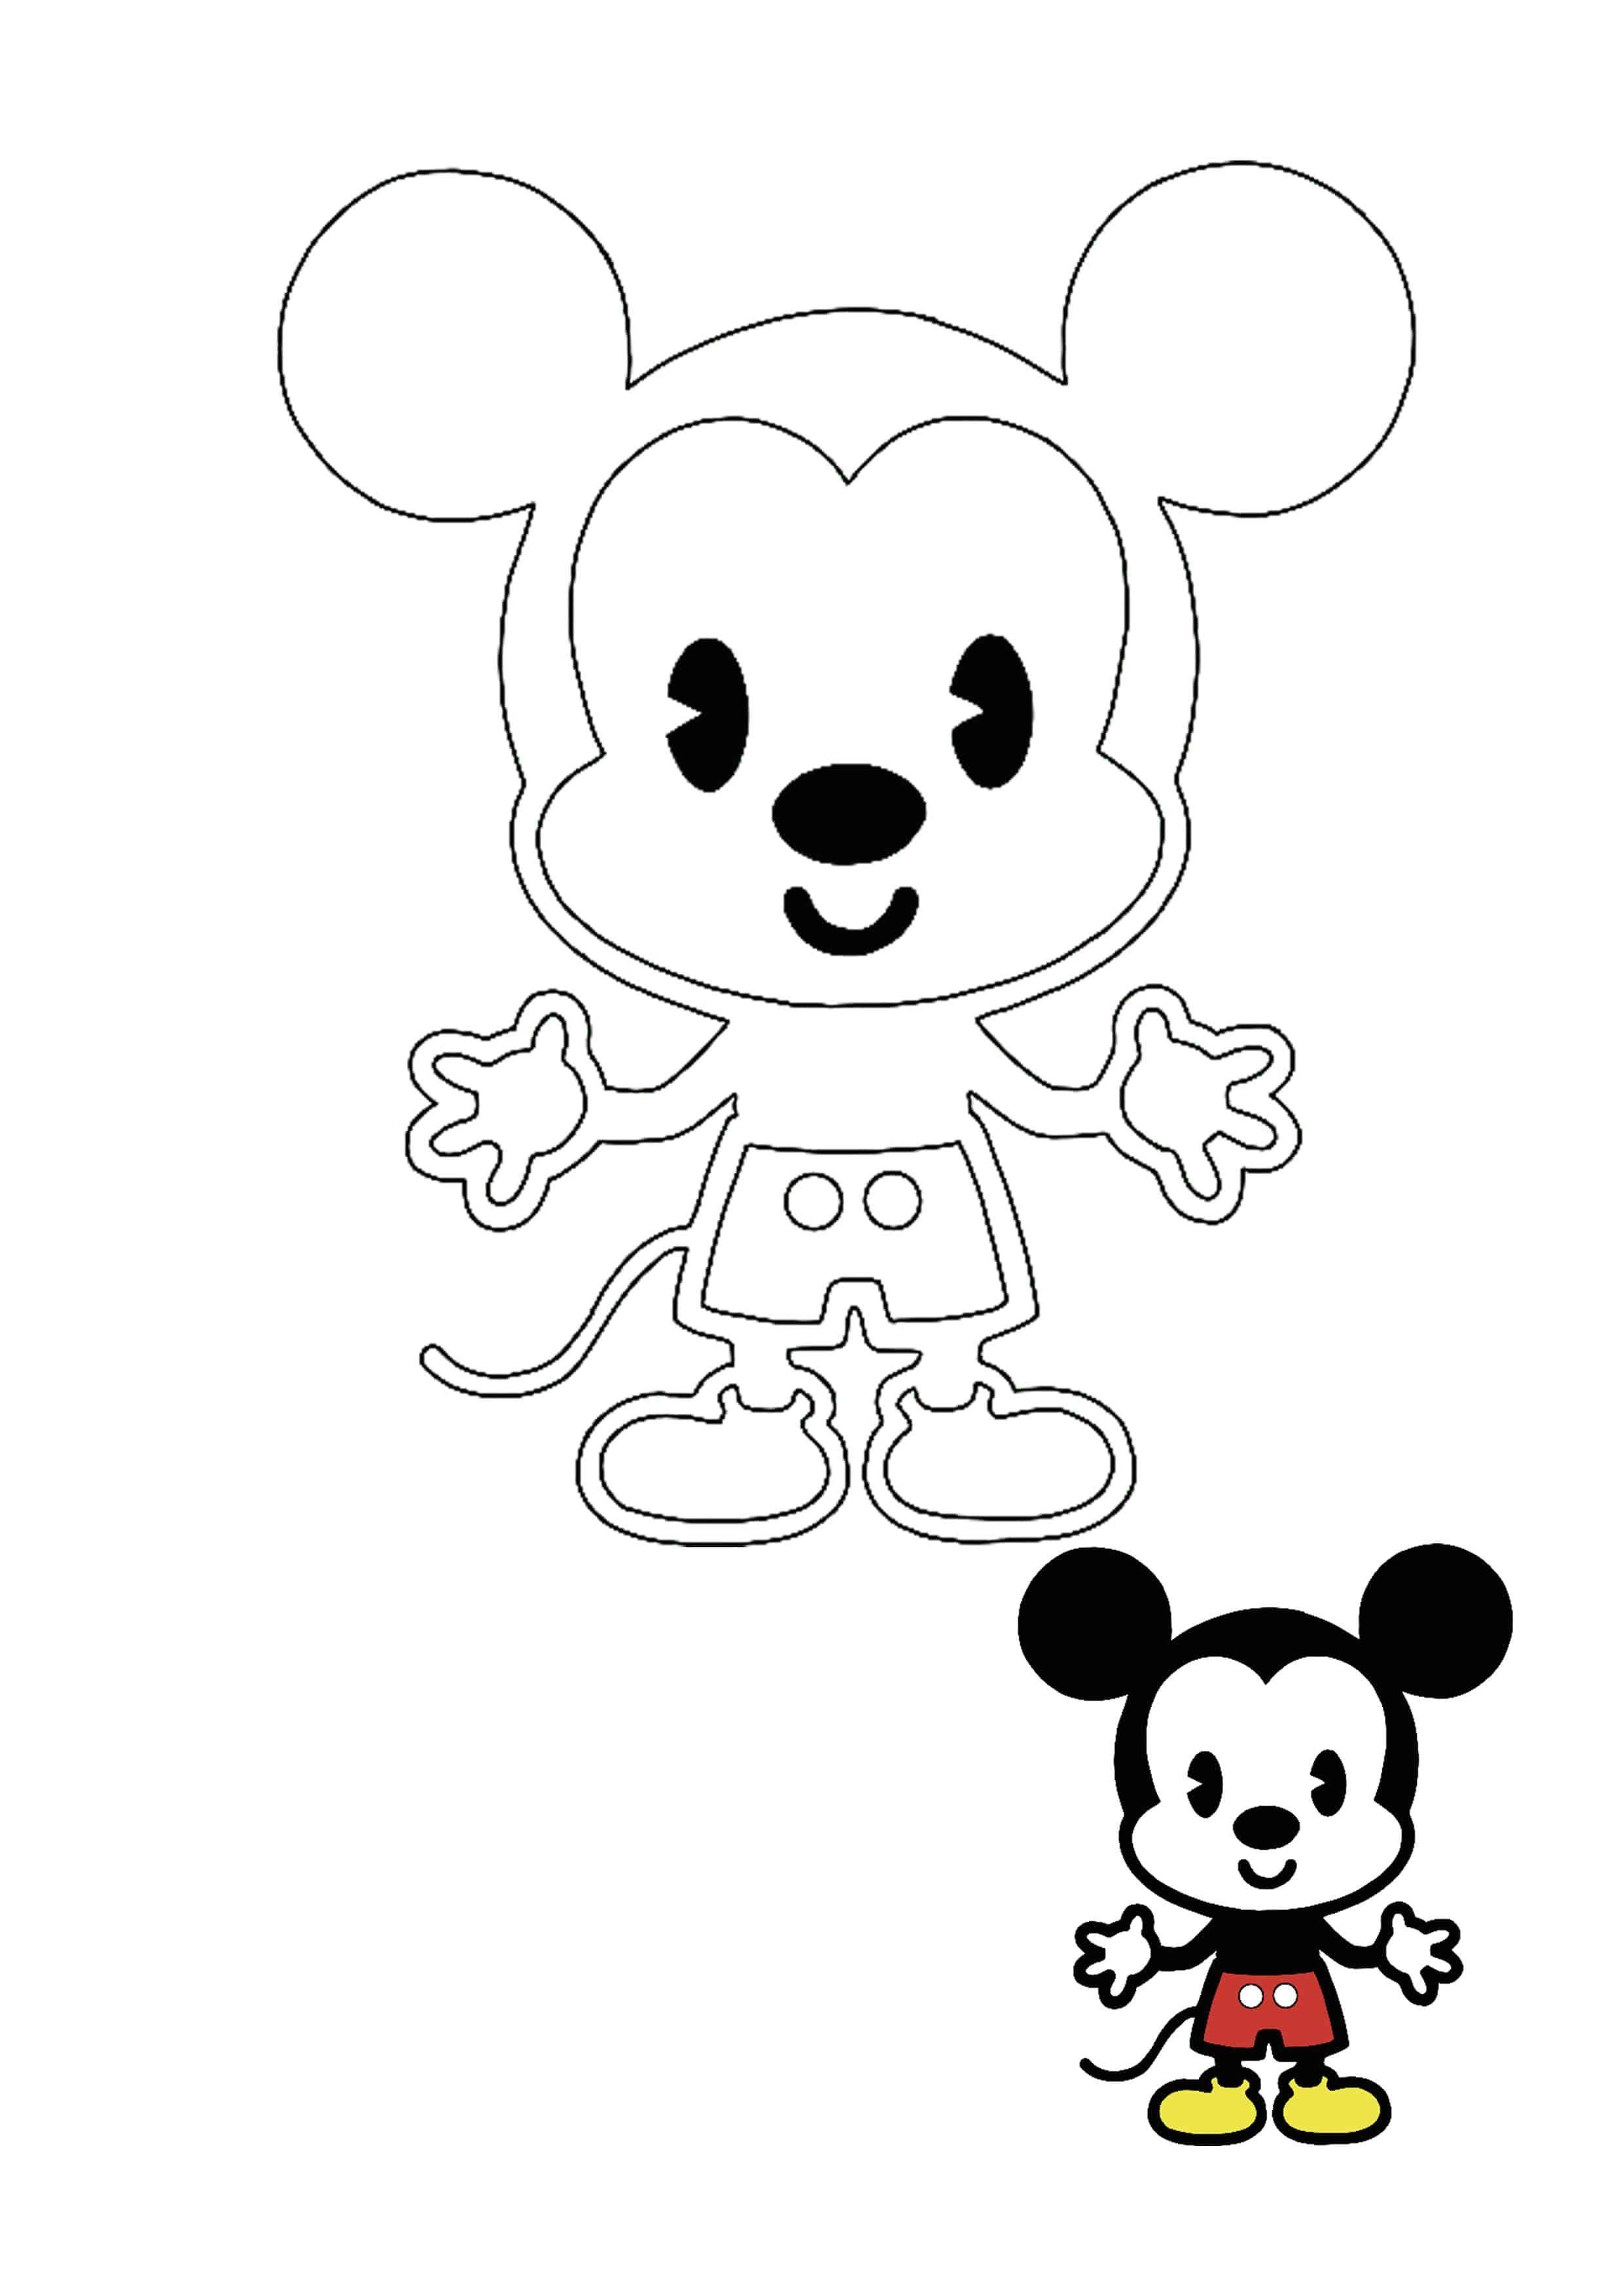 Kawaii Disney Mickey Mouse Coloring Page Disney Coloring Pages Mickey Mouse Coloring Pages Free Printable Coloring Sheets